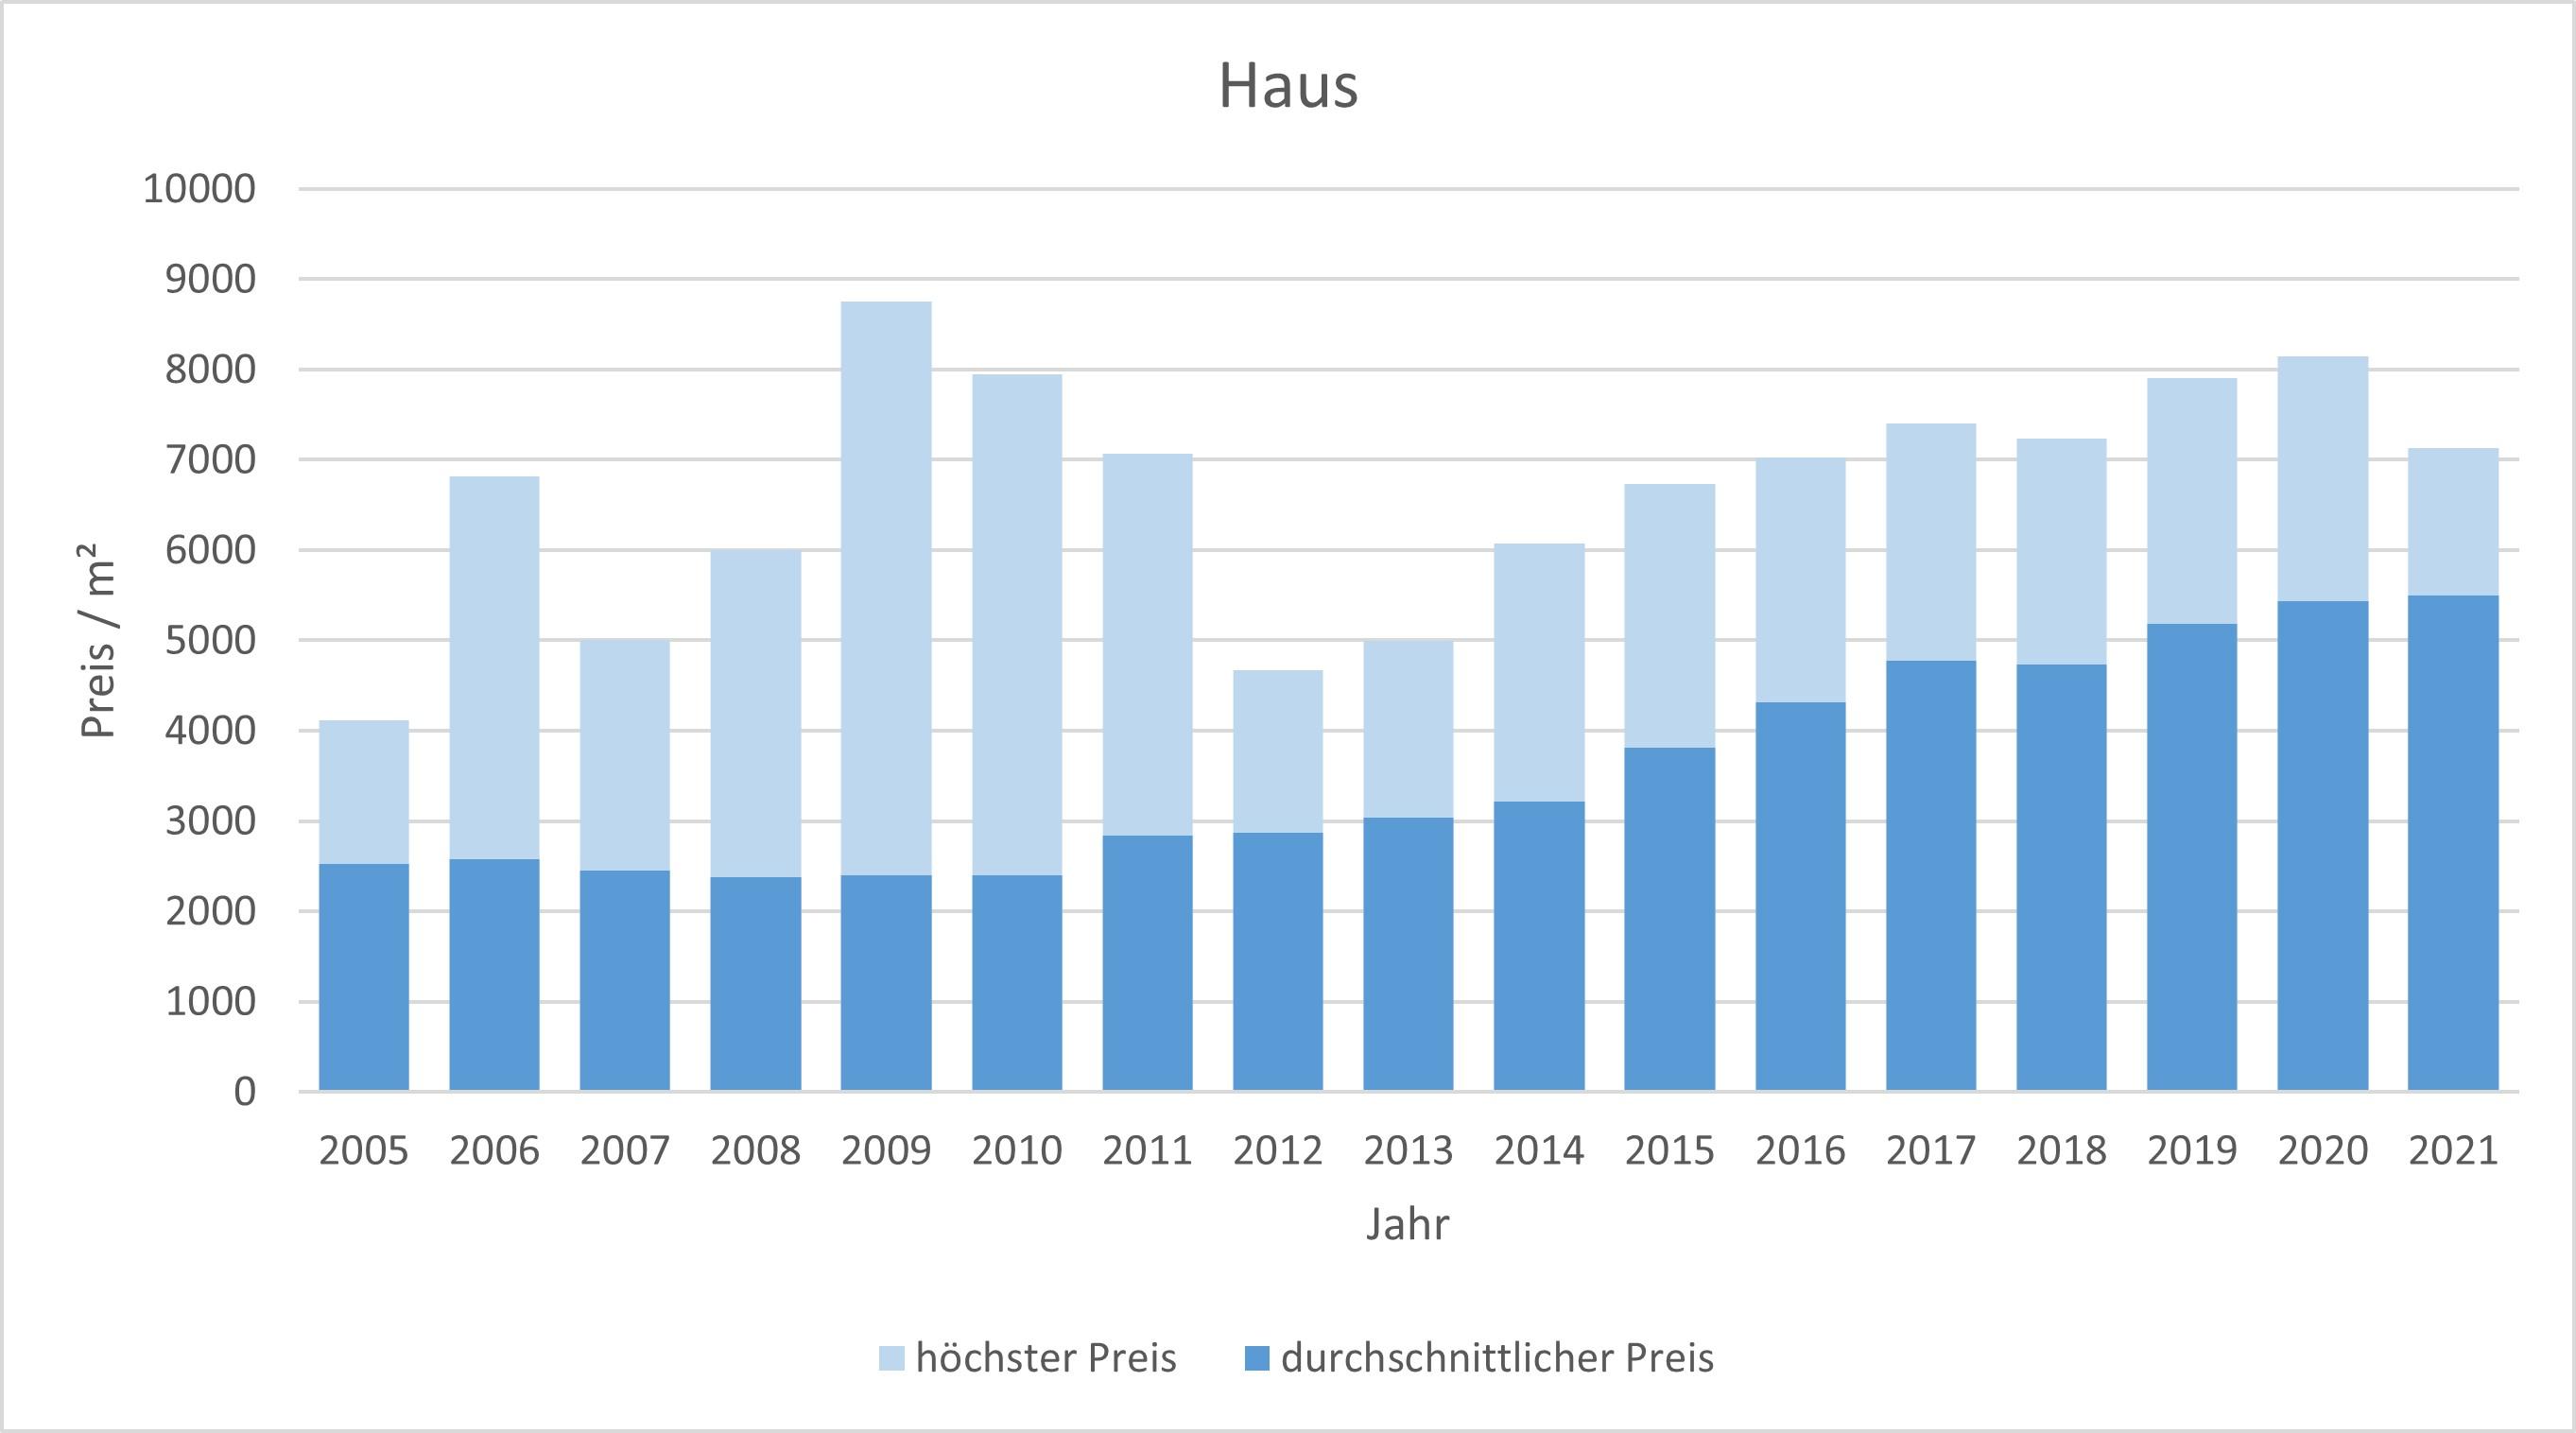 Bad Aibling Makler Haus Kaufen Verkaufen Preis Bewertung 2019, 2020, 2021